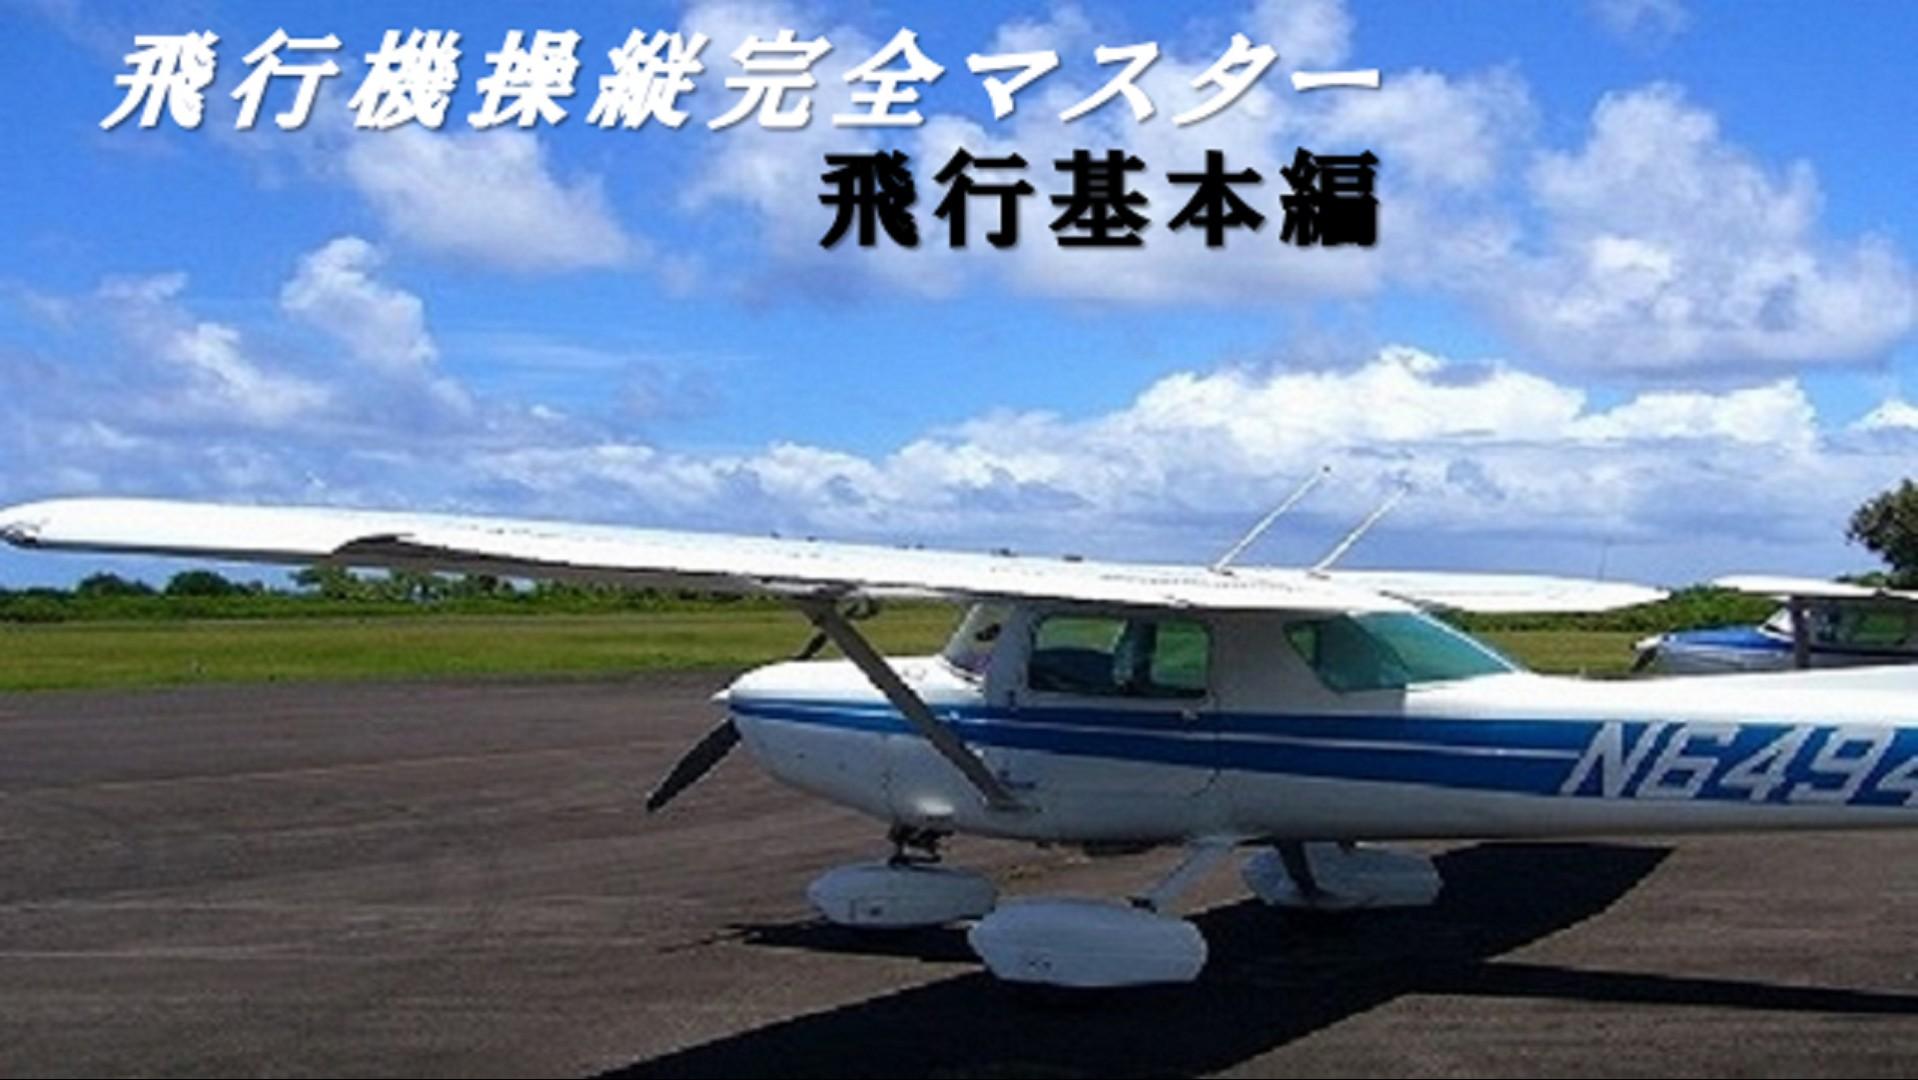 飛行機操縦完全マスターシリーズ Vol.2[飛行基本編]